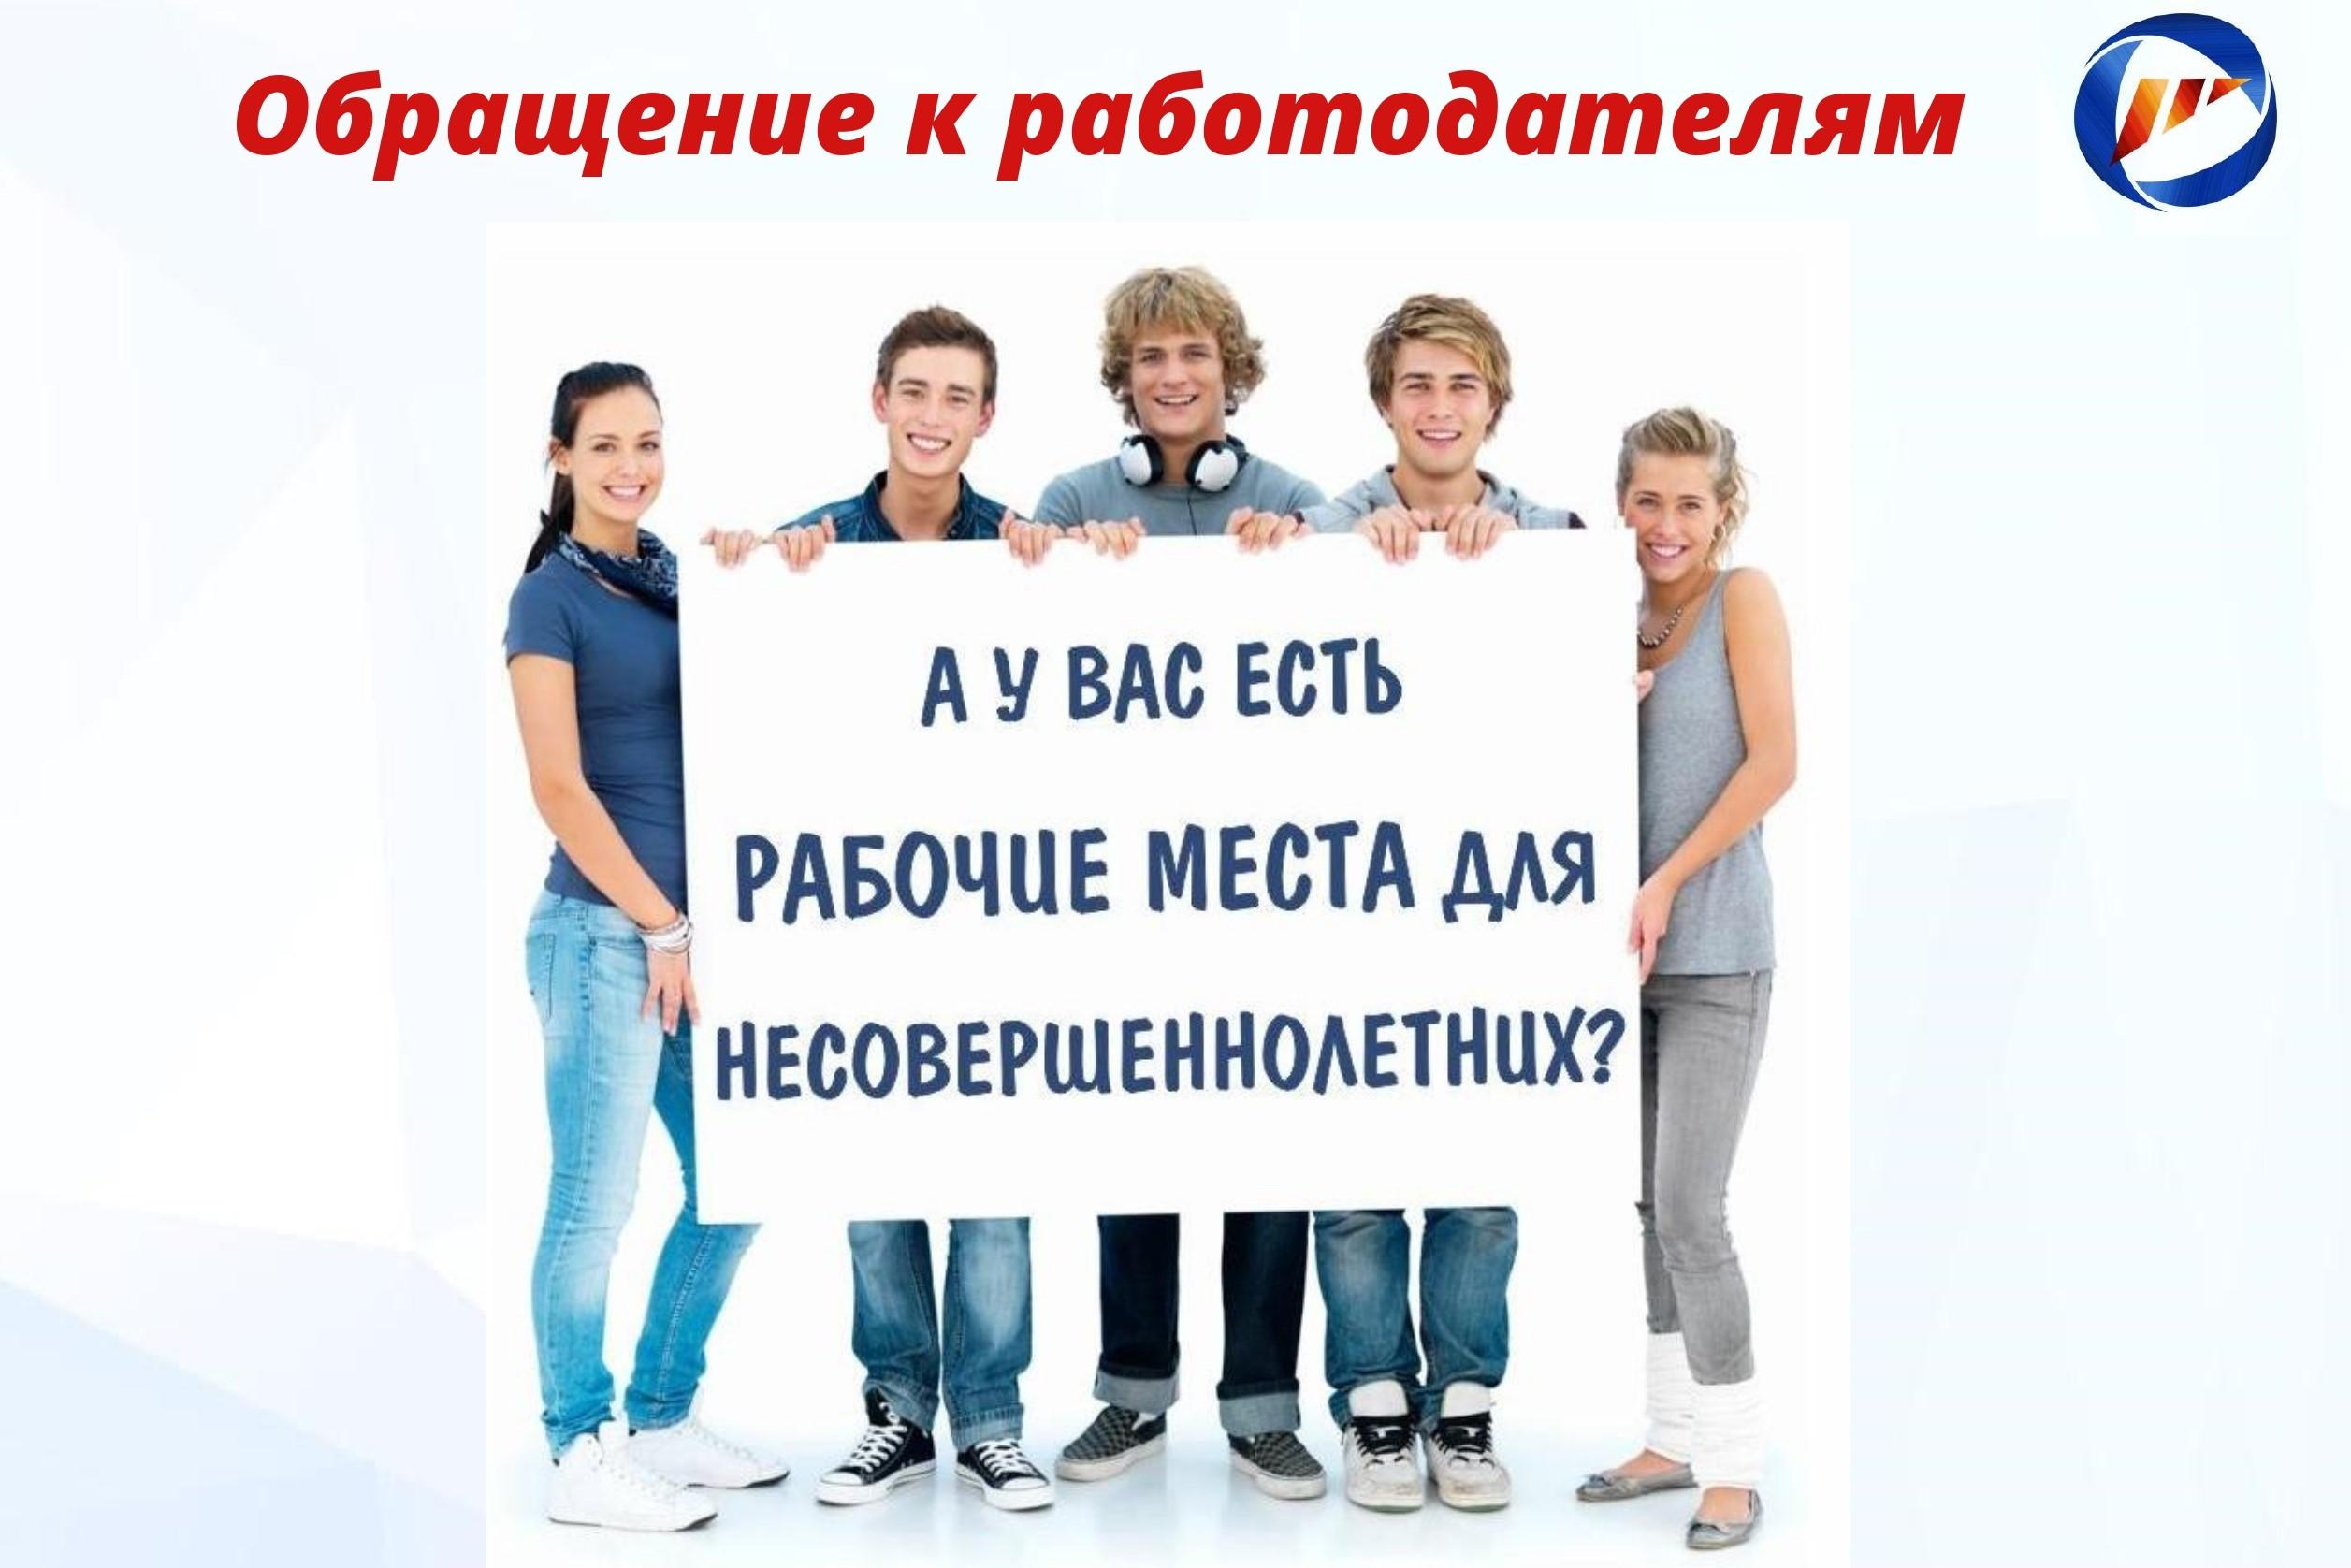 Обращение к работодателям о трудоустройстве несовершеннолетних граждан от 14 до 18 лет